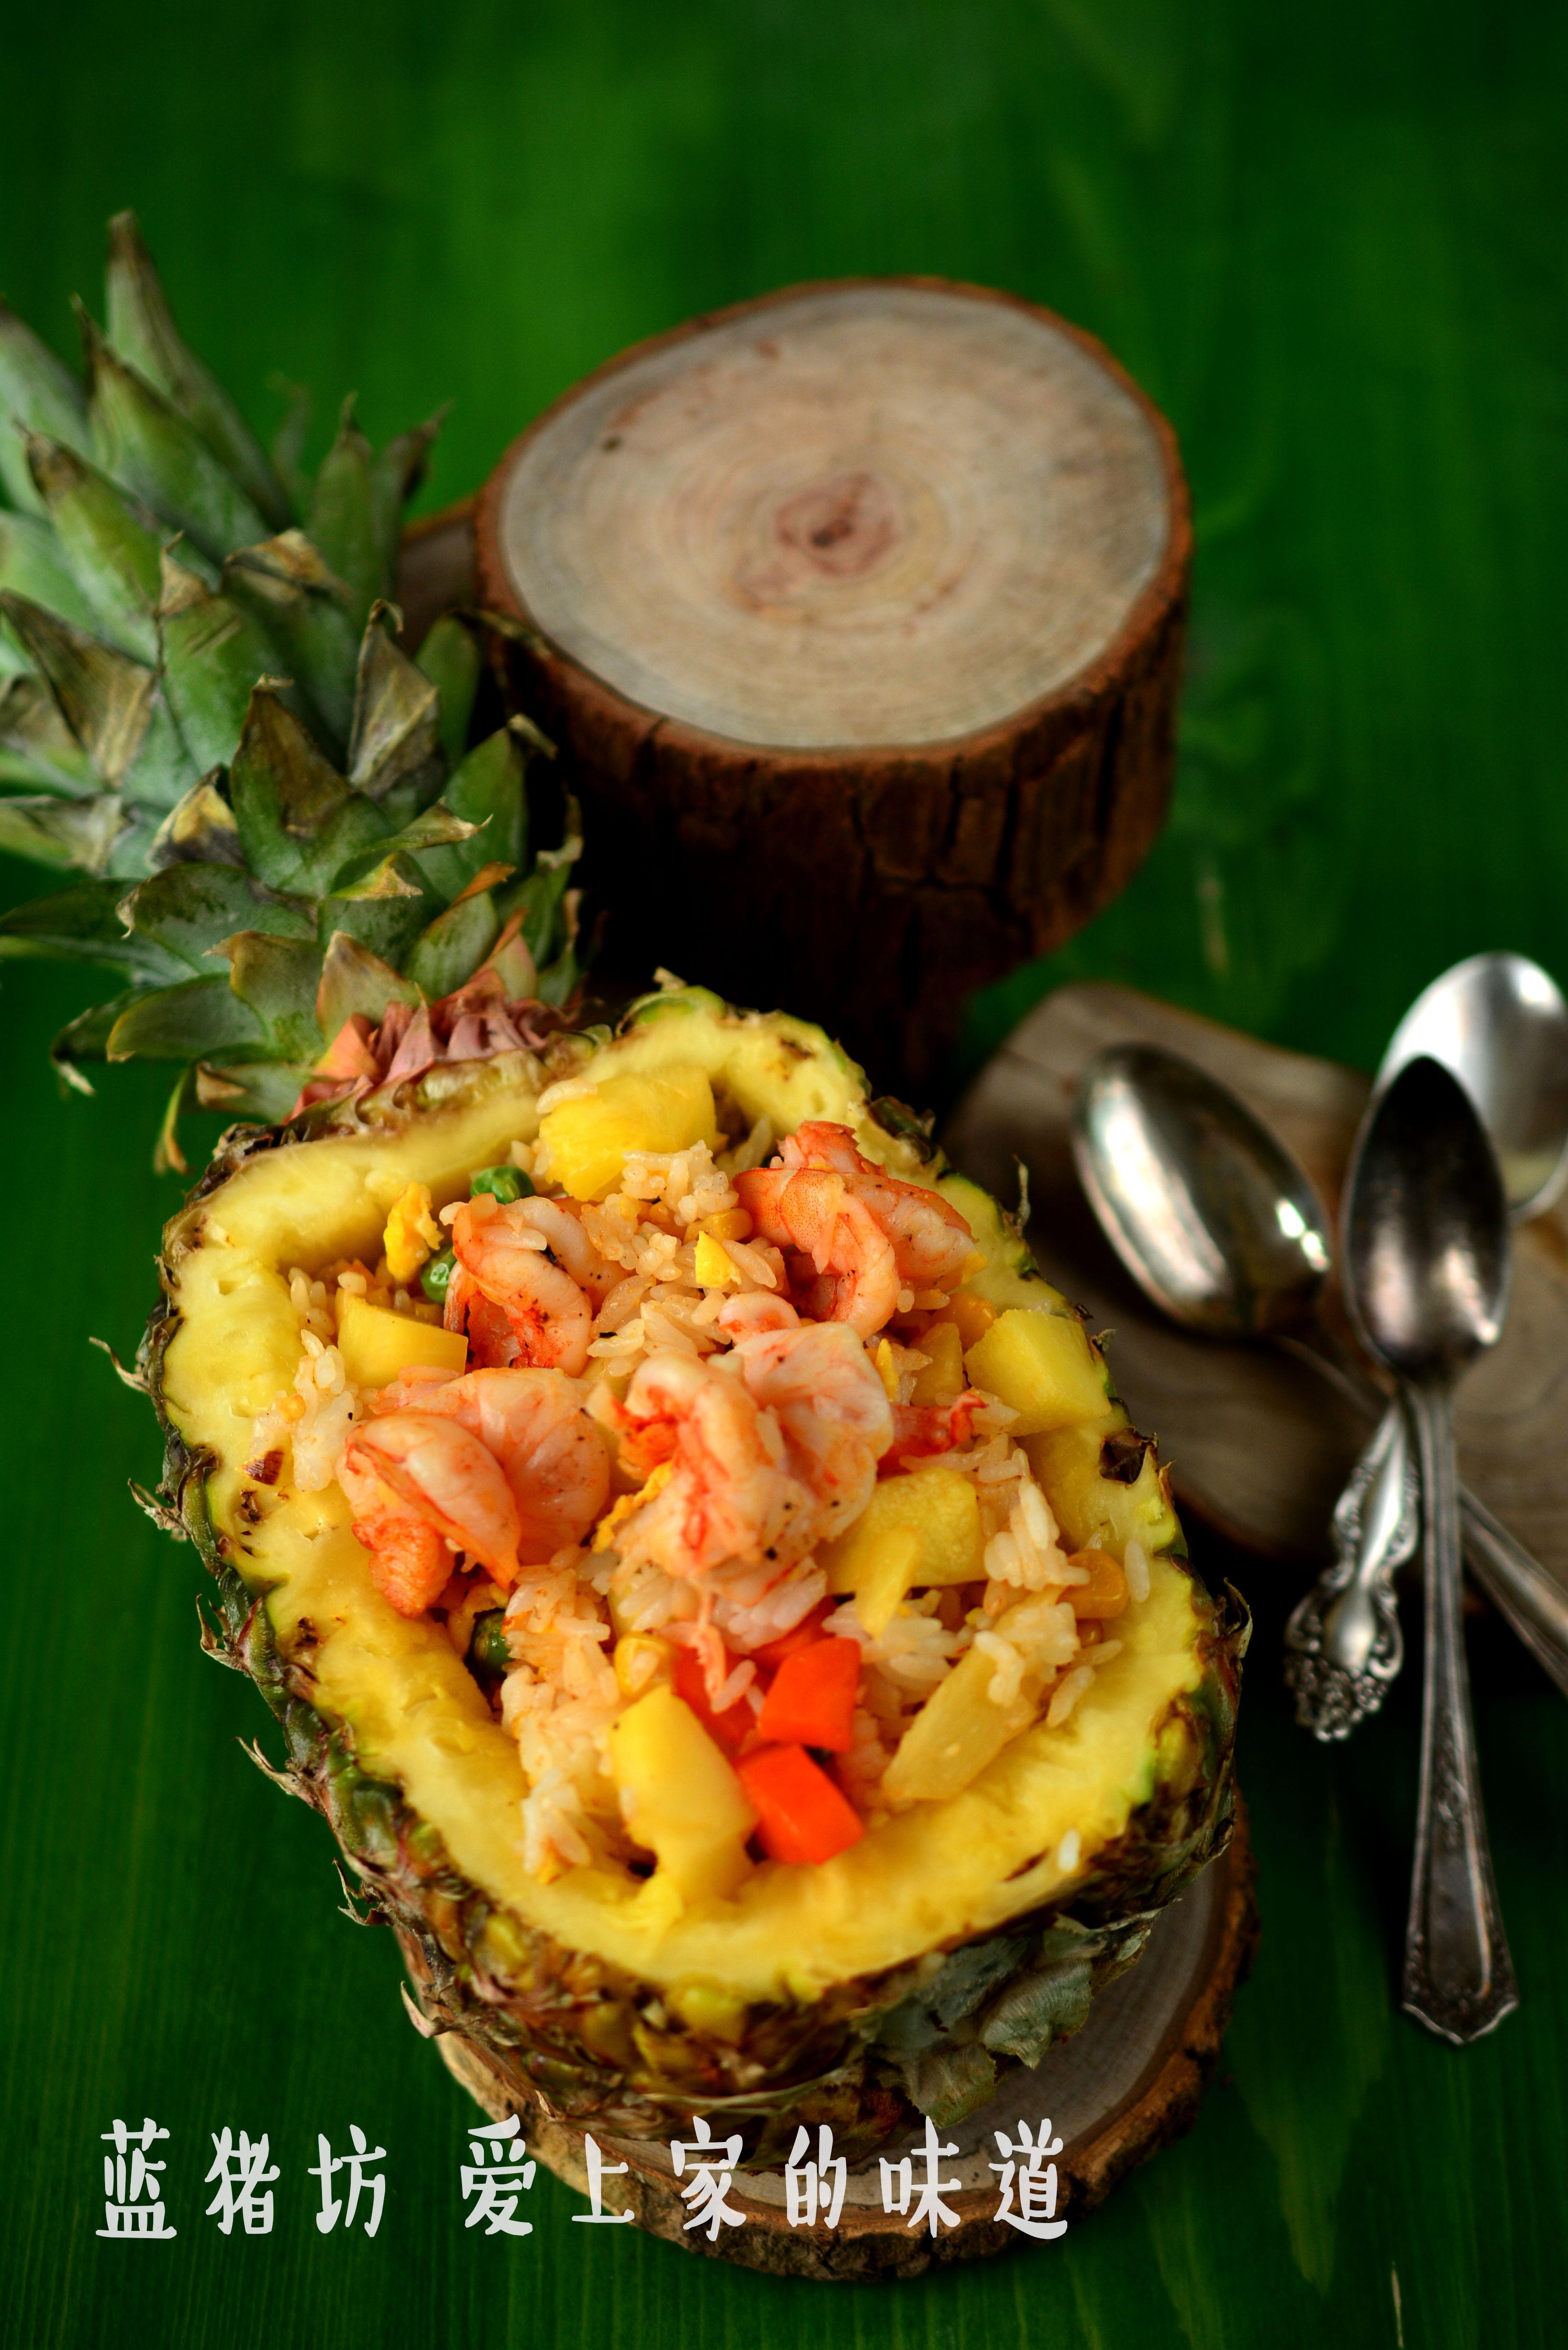 一份美味菠萝饭,陪你度过一个安静周末 - 蓝冰滢 - 蓝猪坊 创意美食工作室